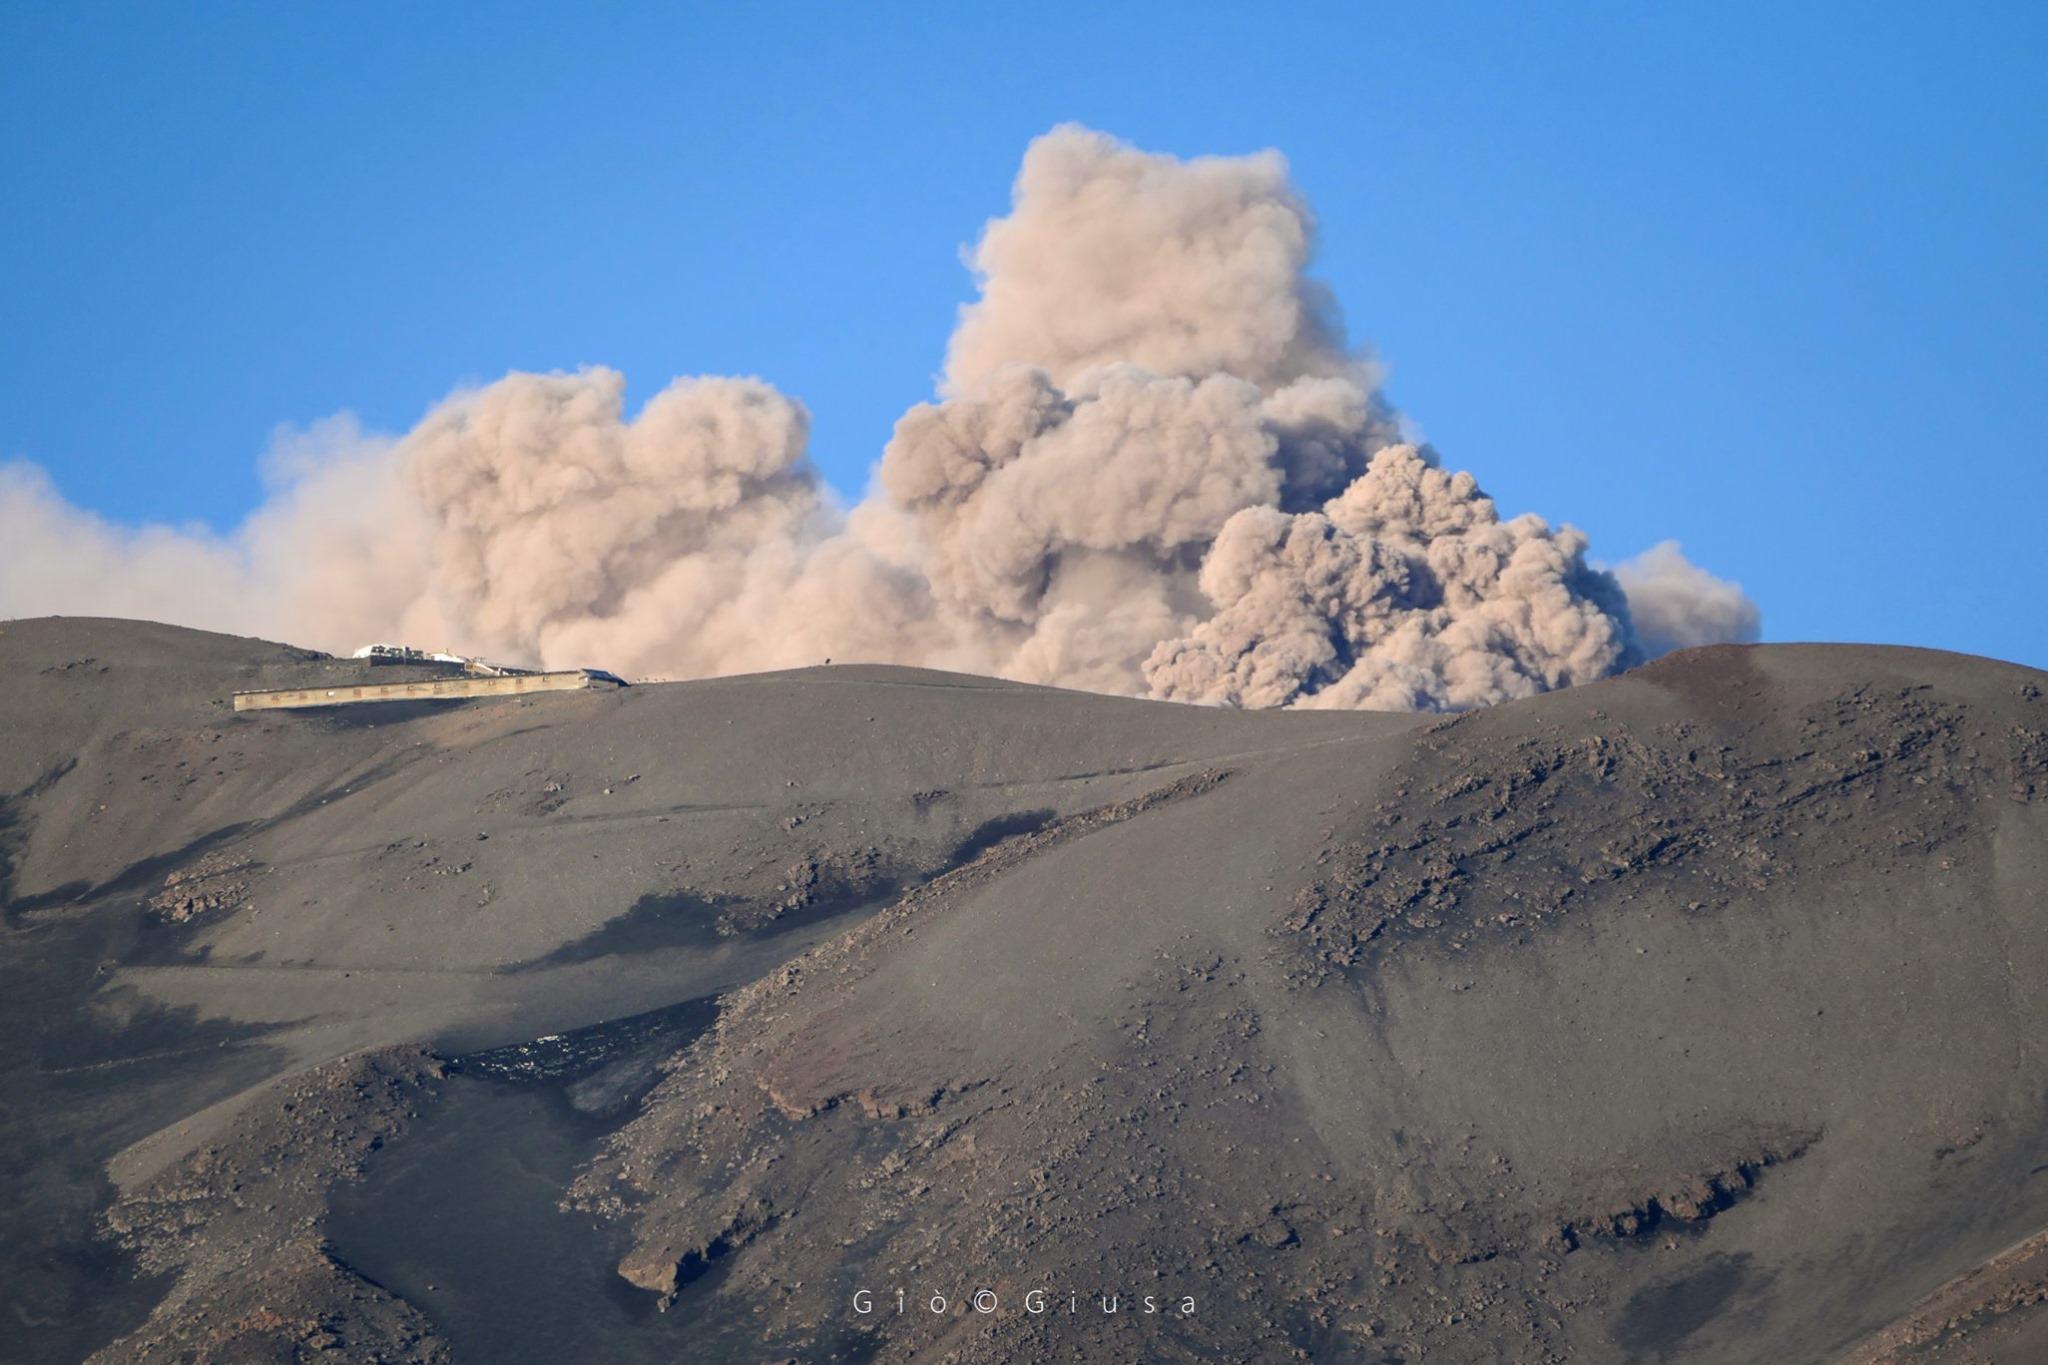 May 27, 2020. EN . Peru : Ubinas , Italy / Sicily : Etna , Colombia : Chiles / Cerro Negro , Guatemala : Fuego .